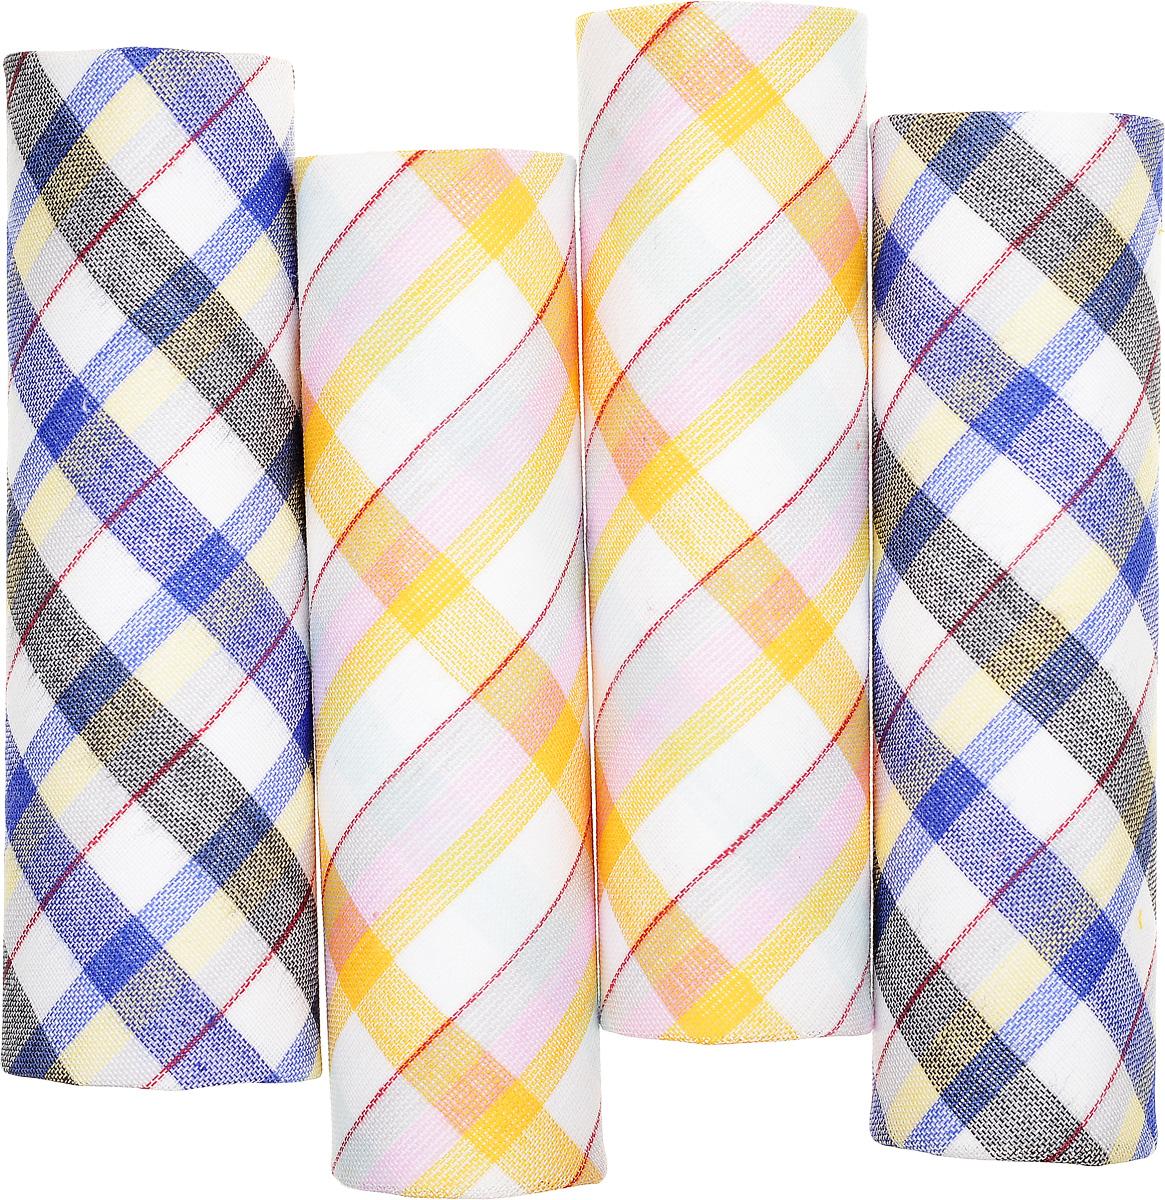 71420-14 Zlata Korunka Носовой платок женский, цвет: мультиколор, 29х29 см, 4 шт71420-14Платки носовые женские в упаковке по 4 шт. Носовые платки изготовлены из 100% хлопка, так как этот материал приятен в использовании, хорошо стирается, не садится, отлично впитывает влагу.